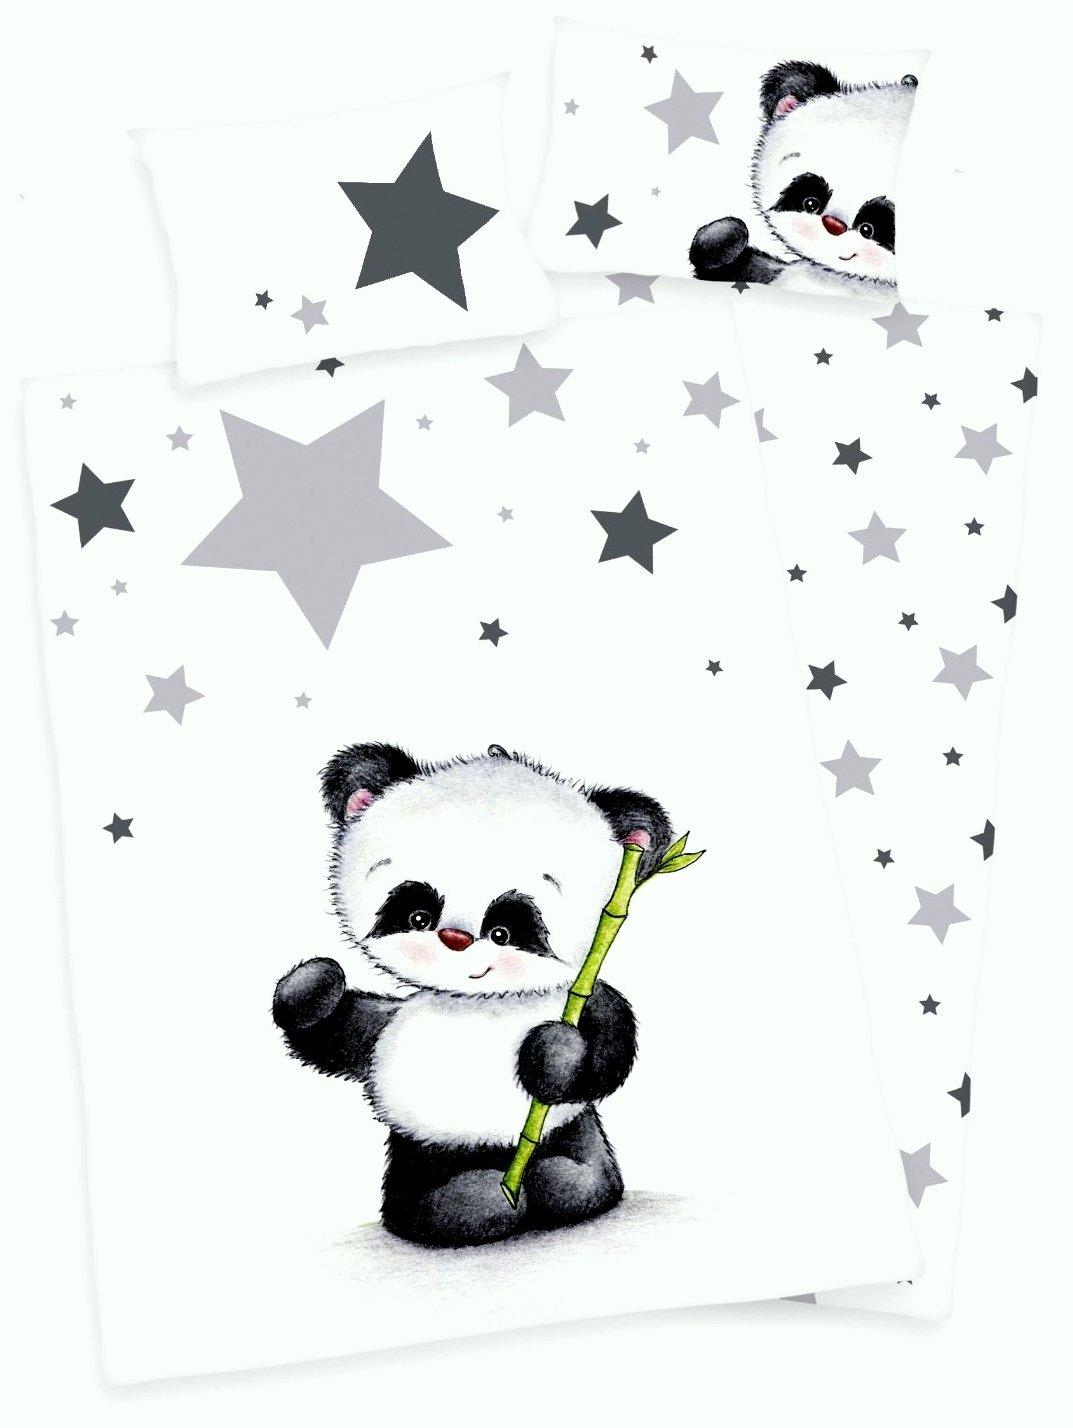 40 x 60 cm 1 drap housse 70 x 140 cm Flanelle 100 x 135 cm Parure  de lit 3 articles Pour b/éb/é R/éversible avec motif : Panda